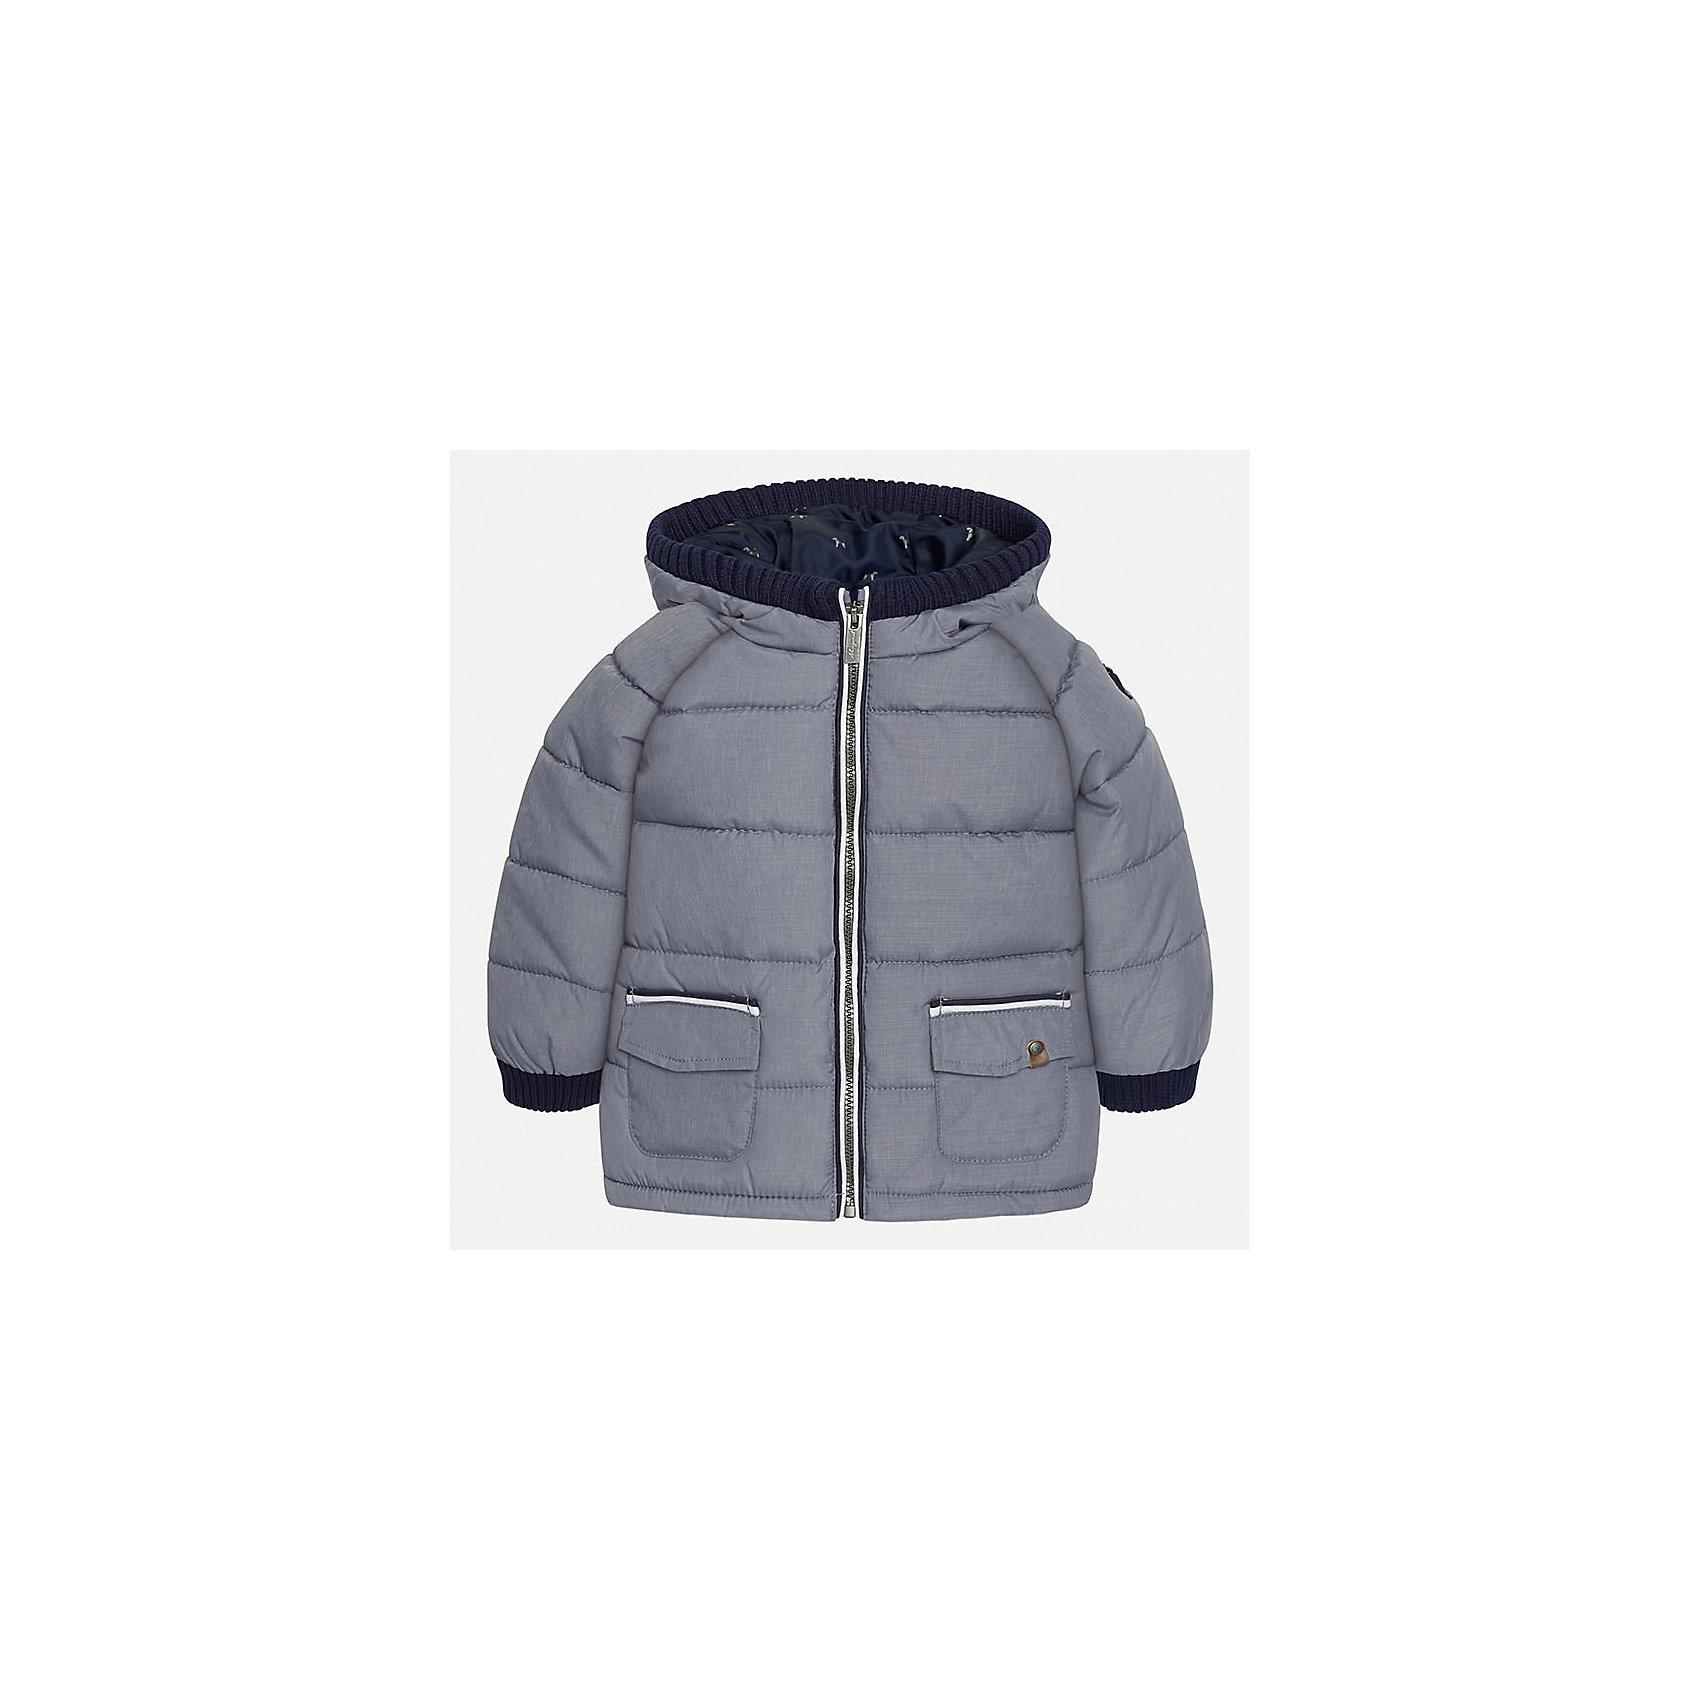 Куртка для мальчика MayoralВерхняя одежда<br>Характеристики товара:<br><br>• цвет: серый<br>• состав ткани: 100% полиэстер<br>• подкладка: 100% полиэстер<br>• утеплитель: 100% полиэстер<br>• сезон: демисезон<br>• температурный режим: от -10 до +10<br>• особенности модели: с капюшоном, дутая<br>• капюшон: съемный<br>• застежка: молния, пуговицы<br>• страна бренда: Испания<br>• страна изготовитель: Индия<br><br>Серая демисезонная детская куртка подойдет для переменной погоды. Отличный способ обеспечить ребенку тепло и комфорт - надеть теплую куртку от Mayoral. Детская куртка сшита из приятного на ощупь материала. Куртка для мальчика Mayoral дополнена теплой подкладкой.<br><br>Куртку для мальчика Mayoral (Майорал) можно купить в нашем интернет-магазине.<br><br>Ширина мм: 356<br>Глубина мм: 10<br>Высота мм: 245<br>Вес г: 519<br>Цвет: серый<br>Возраст от месяцев: 24<br>Возраст до месяцев: 36<br>Пол: Мужской<br>Возраст: Детский<br>Размер: 98,80,86,92<br>SKU: 6935165